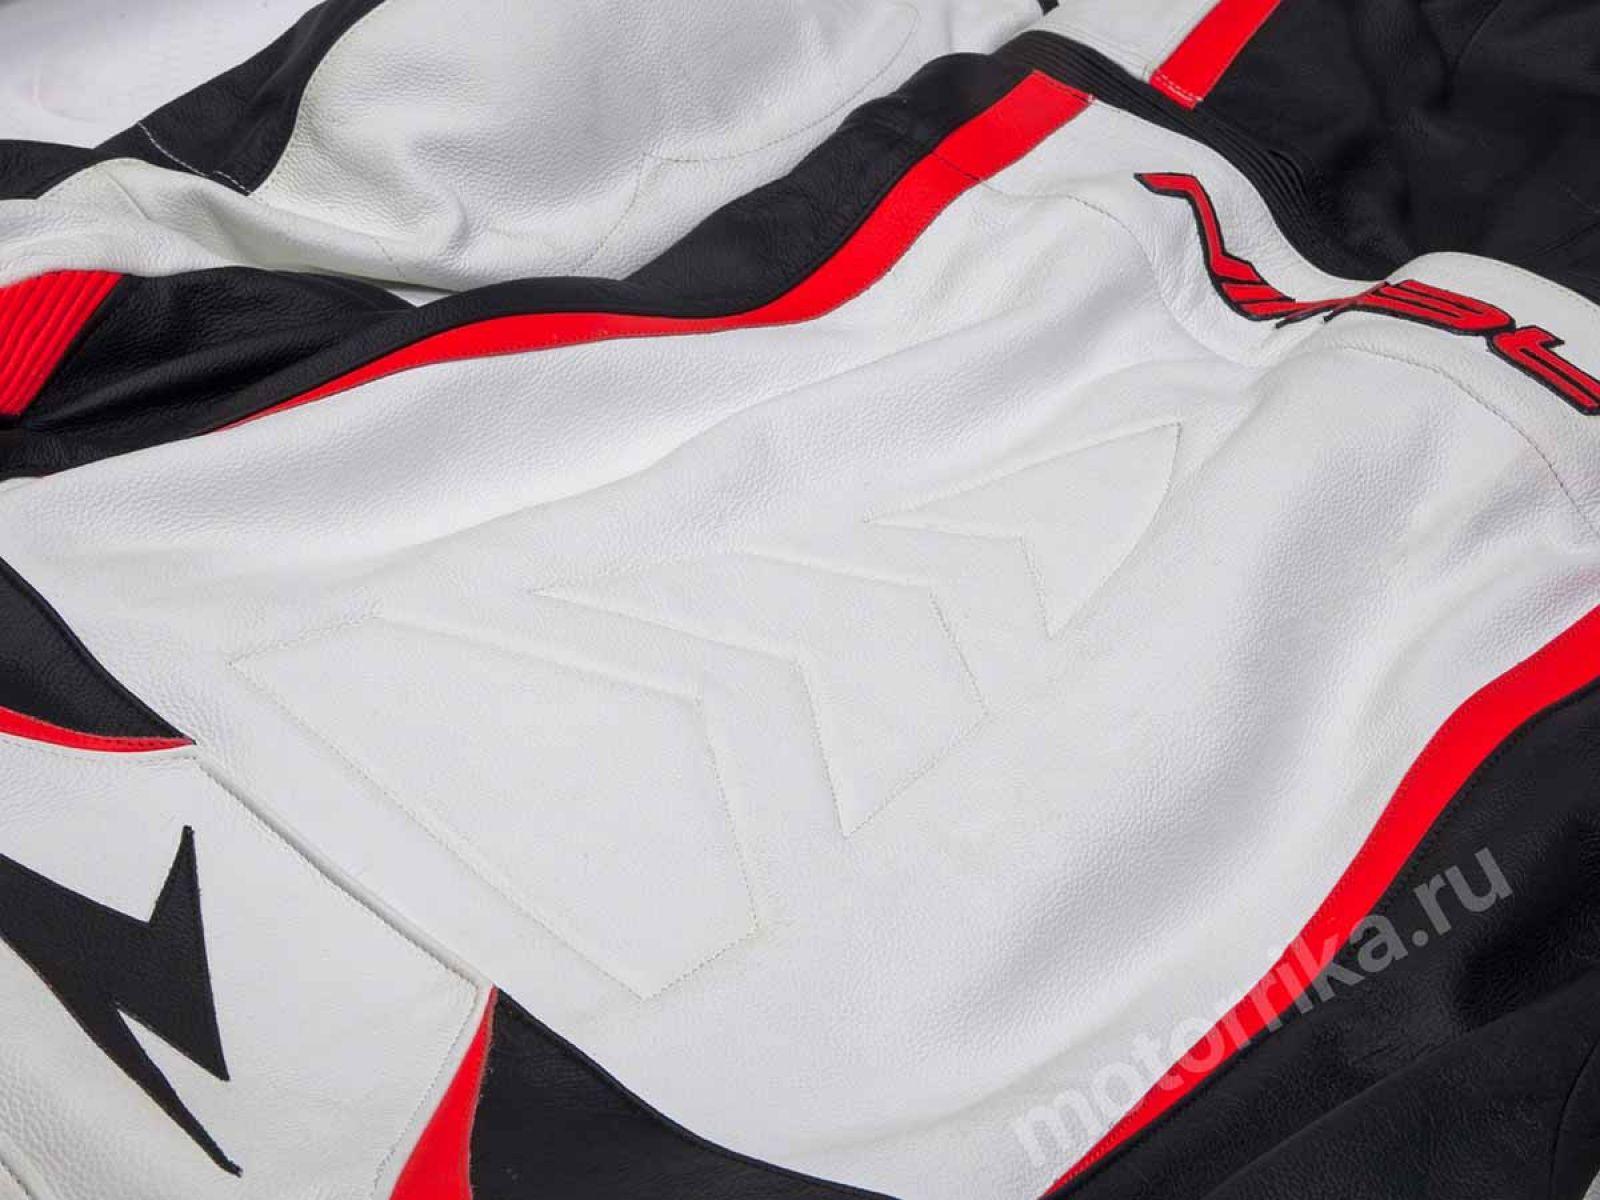 Мотокомбинезон Rewin Touring Div Red-white-black (кожа быка)